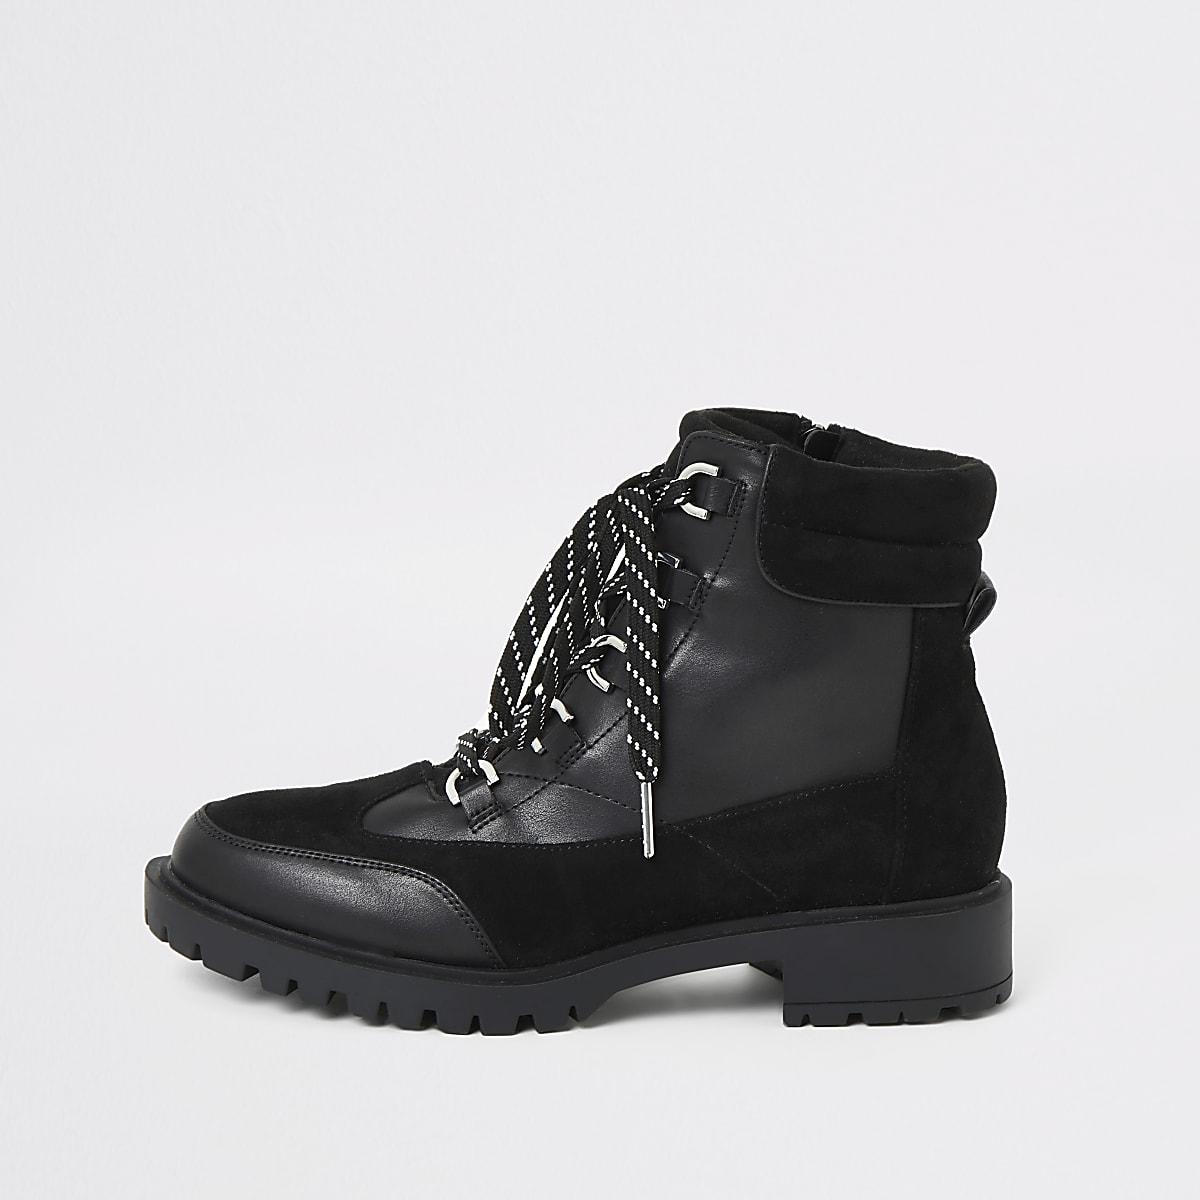 Zwarte stevige wandelschoenen met veters